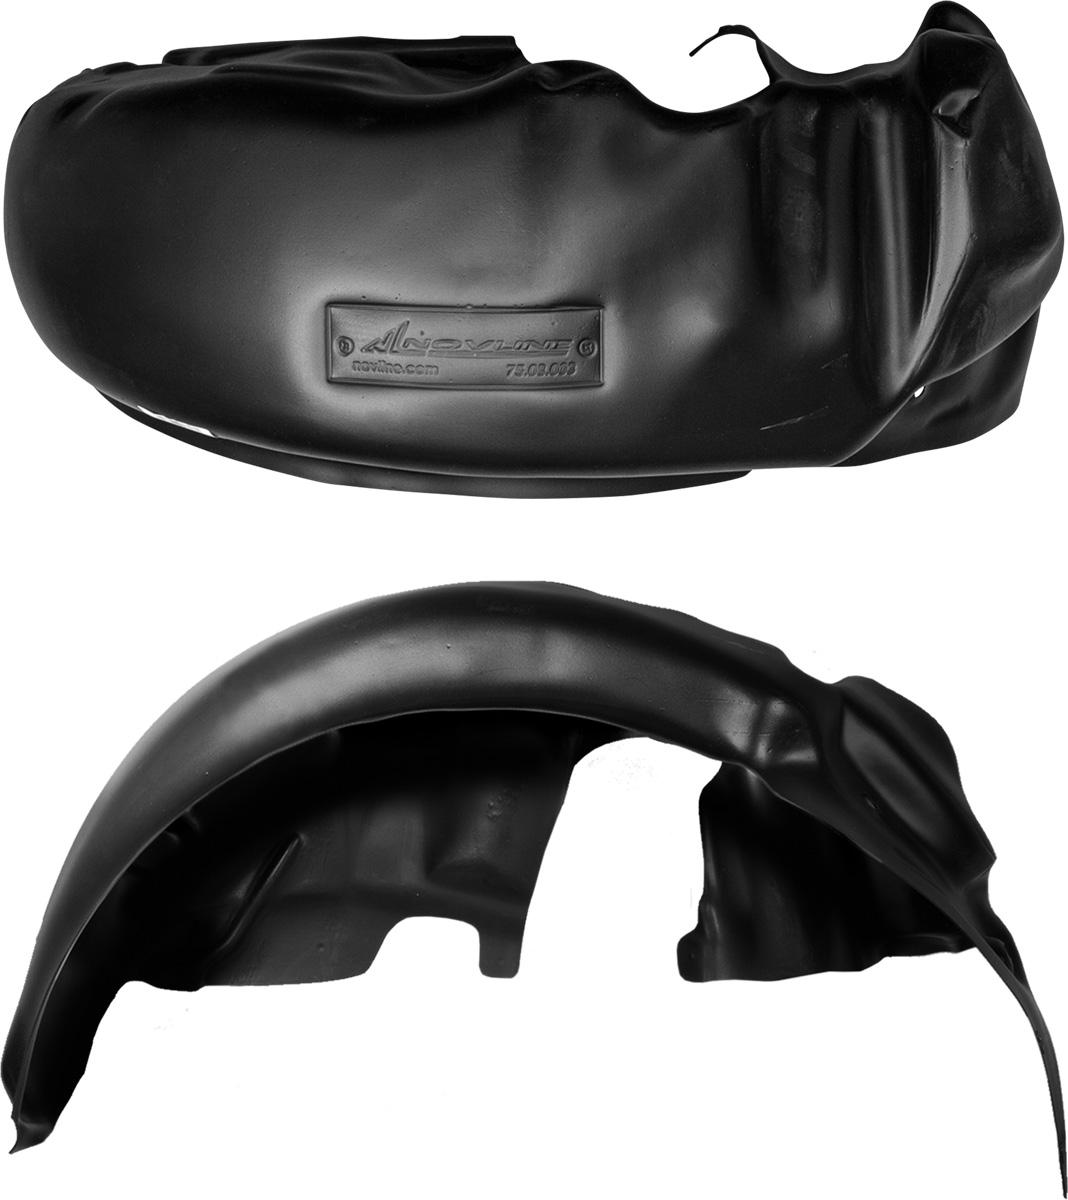 Подкрылок CHEVROLET NIVA 2009-2013, передний правыйNLL.52.17.002Колесные ниши – одни из самых уязвимых зон днища вашего автомобиля. Они постоянно подвергаются воздействию со стороны дороги. Лучшая, почти абсолютная защита для них - специально отформованные пластиковые кожухи, которые называются подкрылками, или локерами. Производятся они как для отечественных моделей автомобилей, так и для иномарок. Подкрылки выполнены из высококачественного, экологически чистого пластика. Обеспечивают надежную защиту кузова автомобиля от пескоструйного эффекта и негативного влияния, агрессивных антигололедных реагентов. Пластик обладает более низкой теплопроводностью, чем металл, поэтому в зимний период эксплуатации использование пластиковых подкрылков позволяет лучше защитить колесные ниши от налипания снега и образования наледи. Оригинальность конструкции подчеркивает элегантность автомобиля, бережно защищает нанесенное на днище кузова антикоррозийное покрытие и позволяет осуществить крепление подкрылков внутри колесной арки практически без дополнительного крепежа и сверления, не нарушая при этом лакокрасочного покрытия, что предотвращает возникновение новых очагов коррозии. Технология крепления подкрылков на иномарки принципиально отличается от крепления на российские автомобили и разрабатывается индивидуально для каждой модели автомобиля. Подкрылки долговечны, обладают высокой прочностью и сохраняют заданную форму, а также все свои физико-механические характеристики в самых тяжелых климатических условиях ( от -50° С до + 50° С).